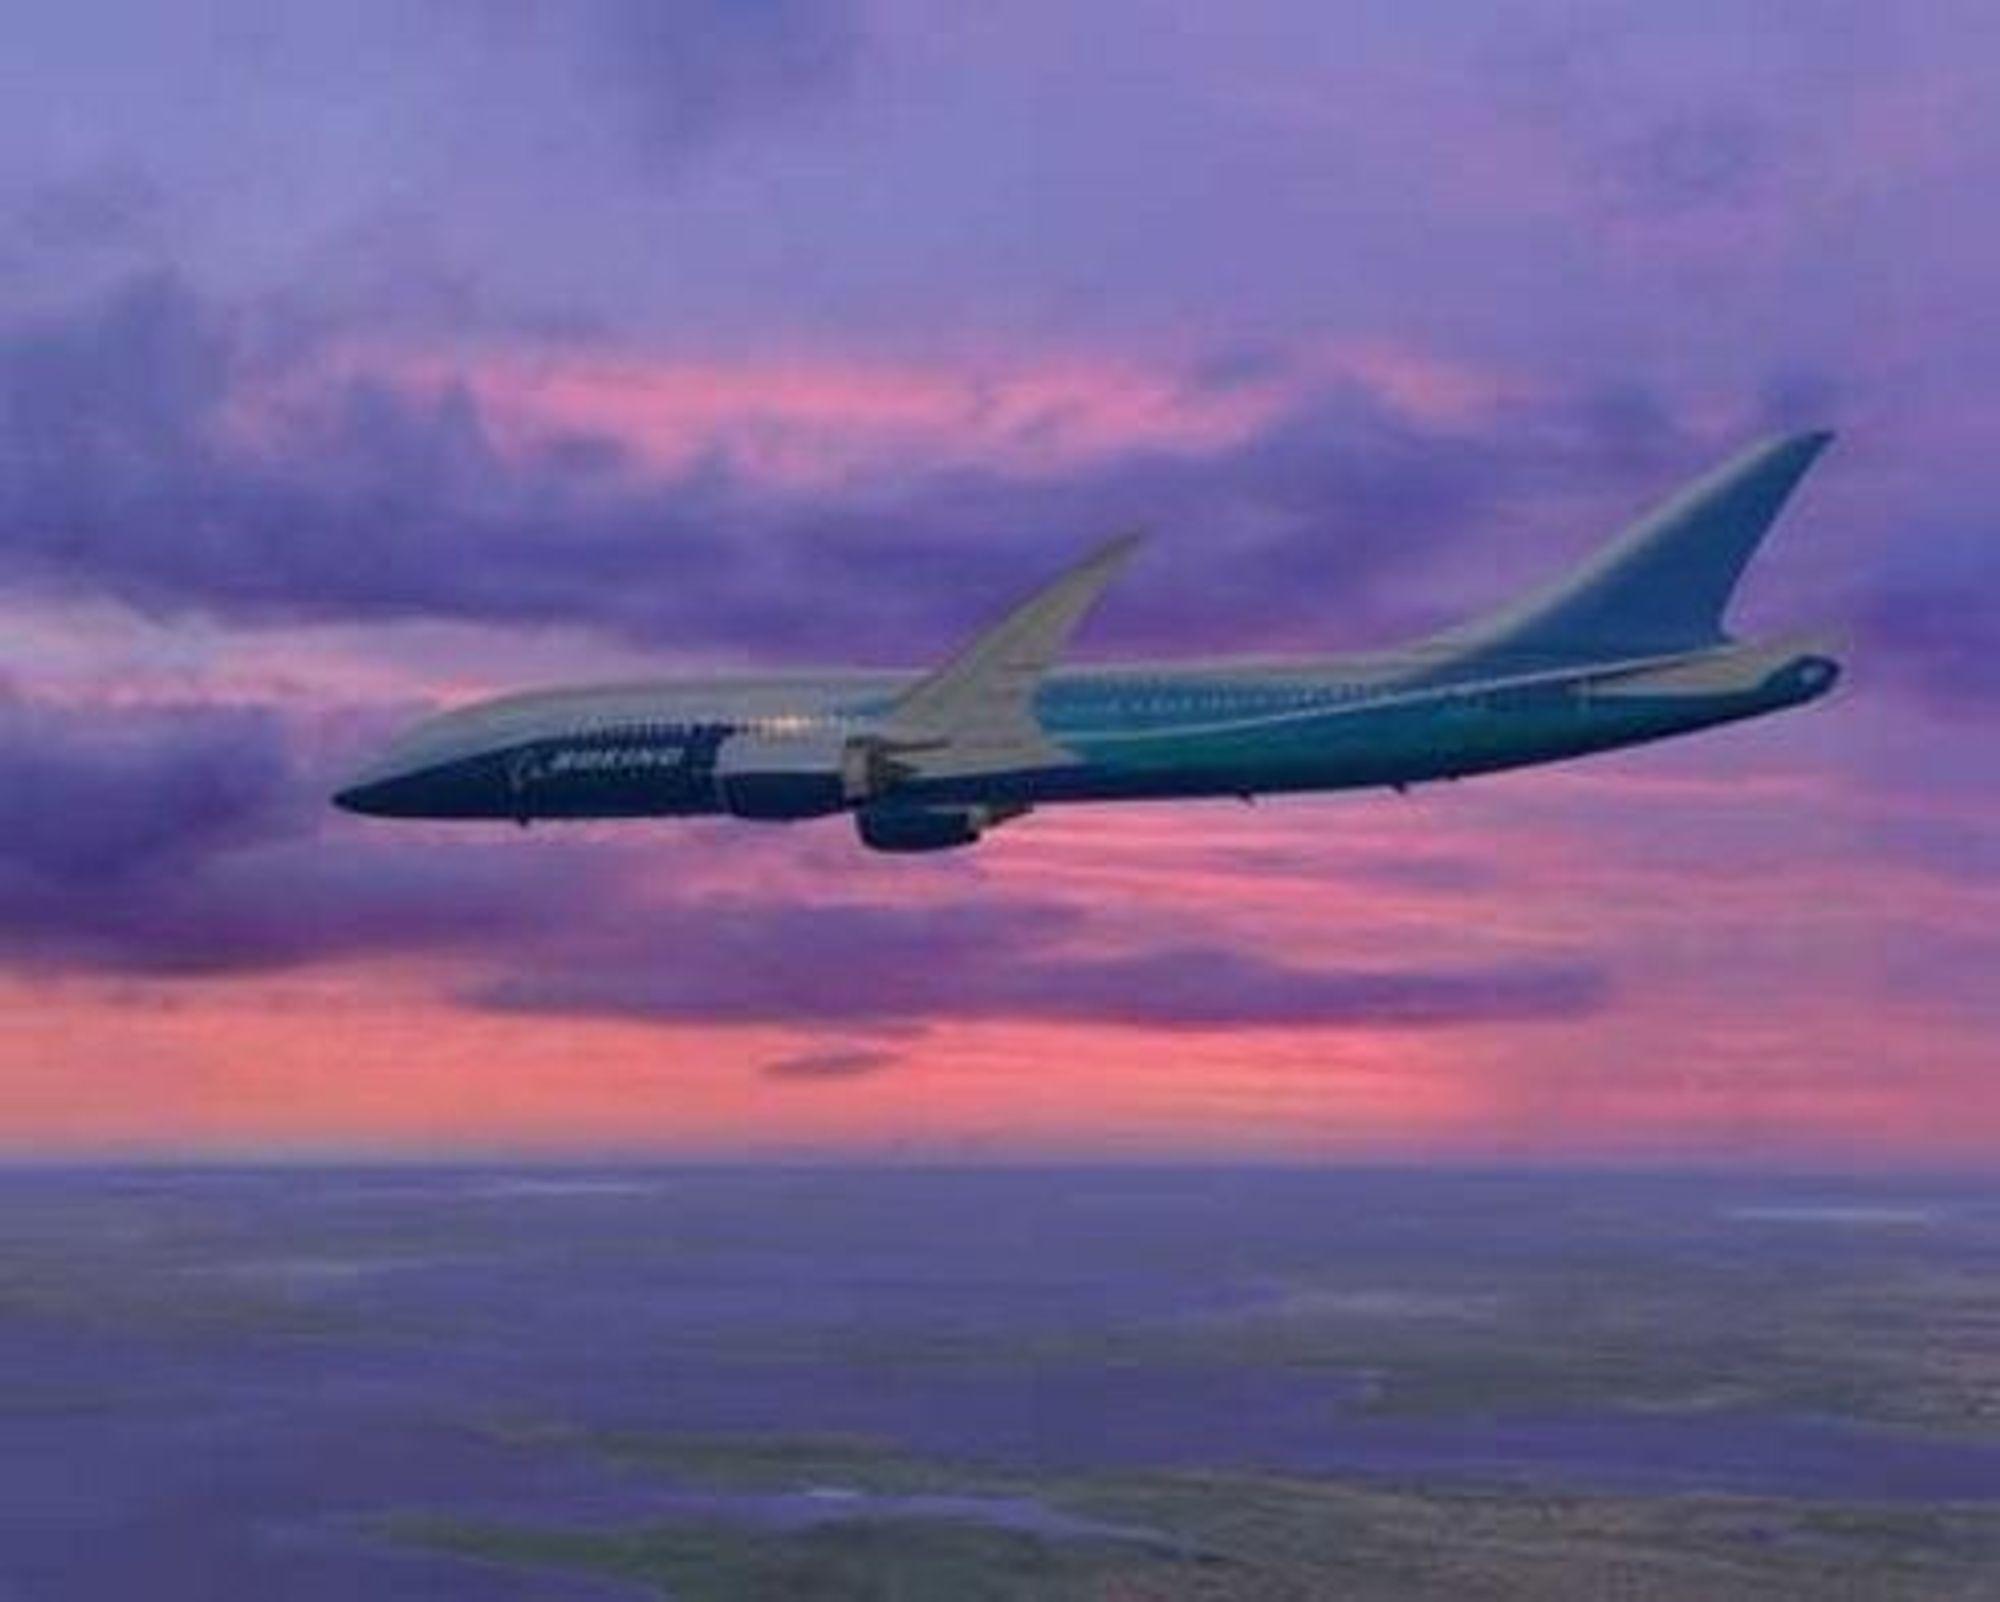 SPAREBØSSE: En ny vingeprofil som forbedrer forholdet mellom løft og motstand med inntil 30 prosent, sies å gi nye Boeing 7E7 Dreamliner et fortrinn fremfor konkurrentene. Flyet skal i luften om et par år. FOTO: BOEING